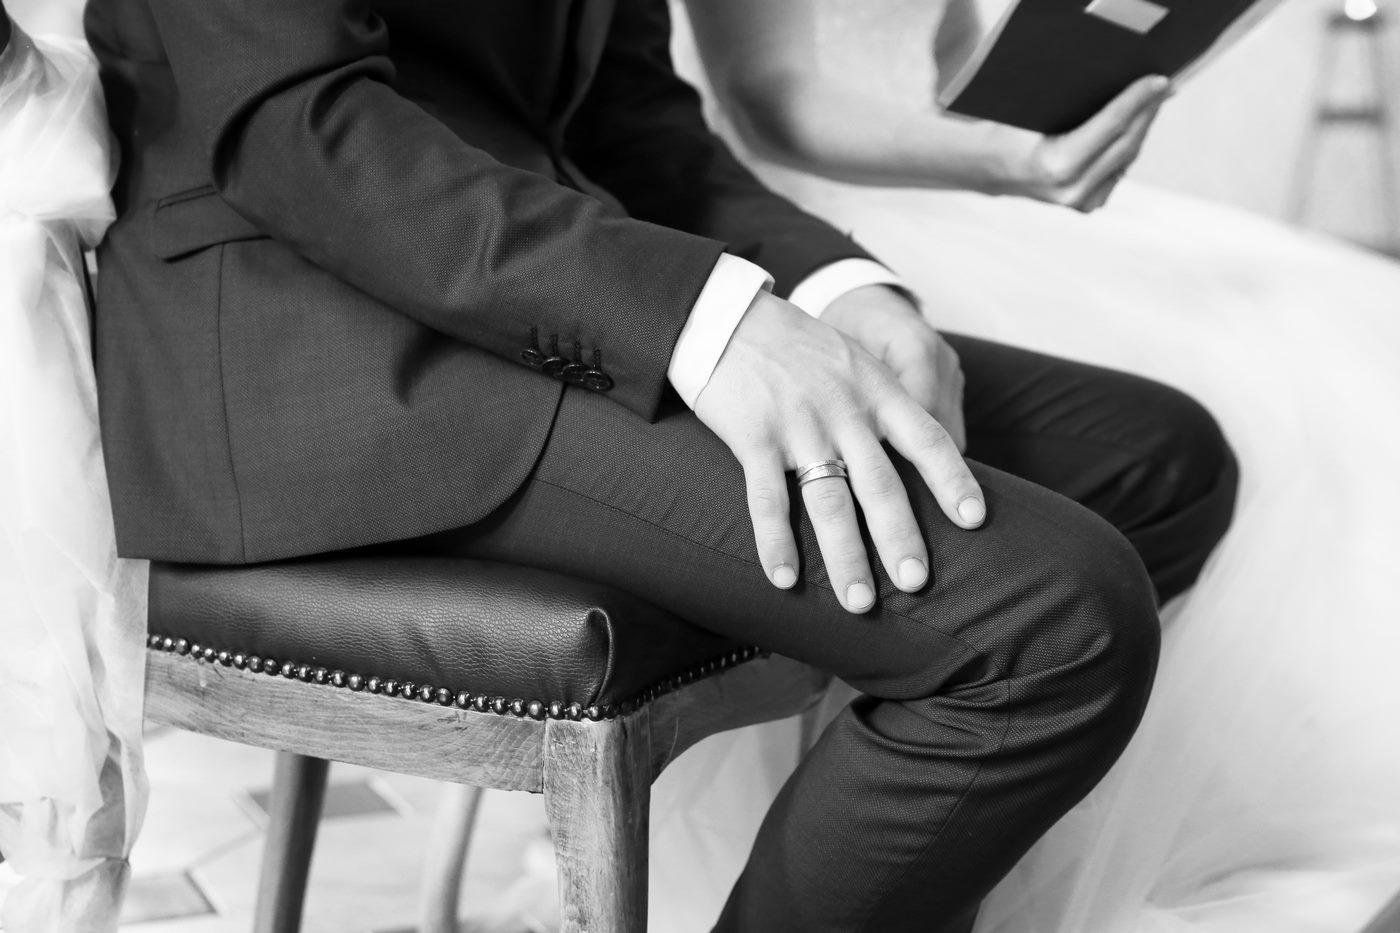 Ehemann hält während Traun seine Hand auf dem Schoß in schwarzweiß fotografiert